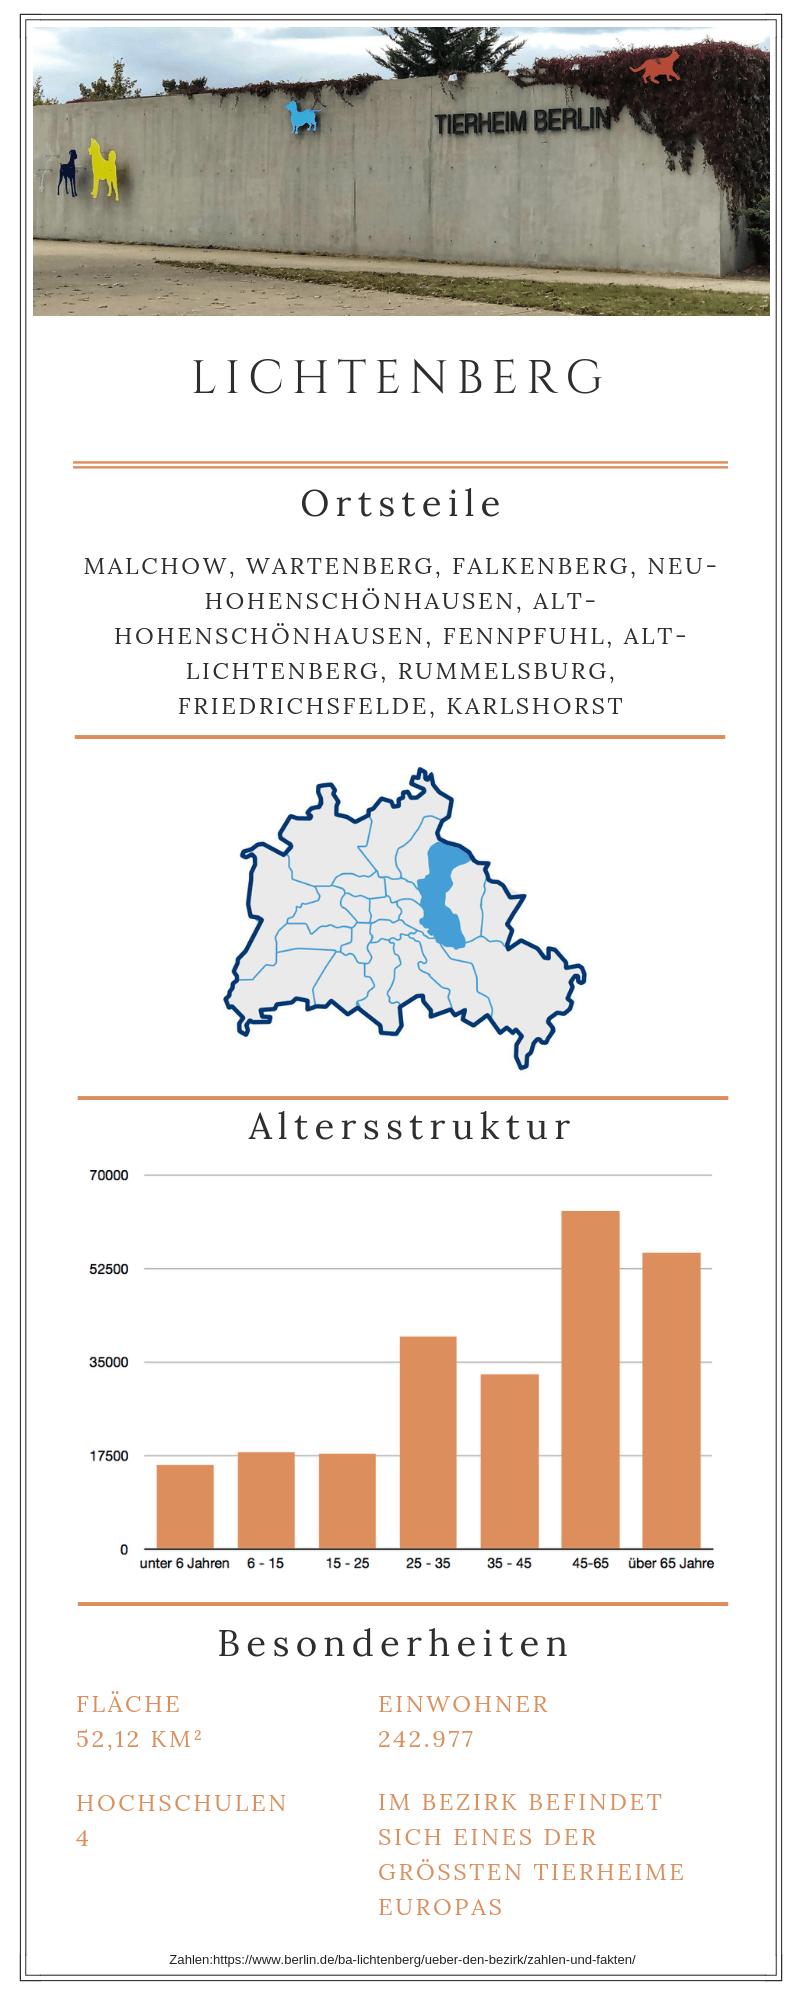 Grafische Darstellung zum Berliner Bezirk Lichtenberg